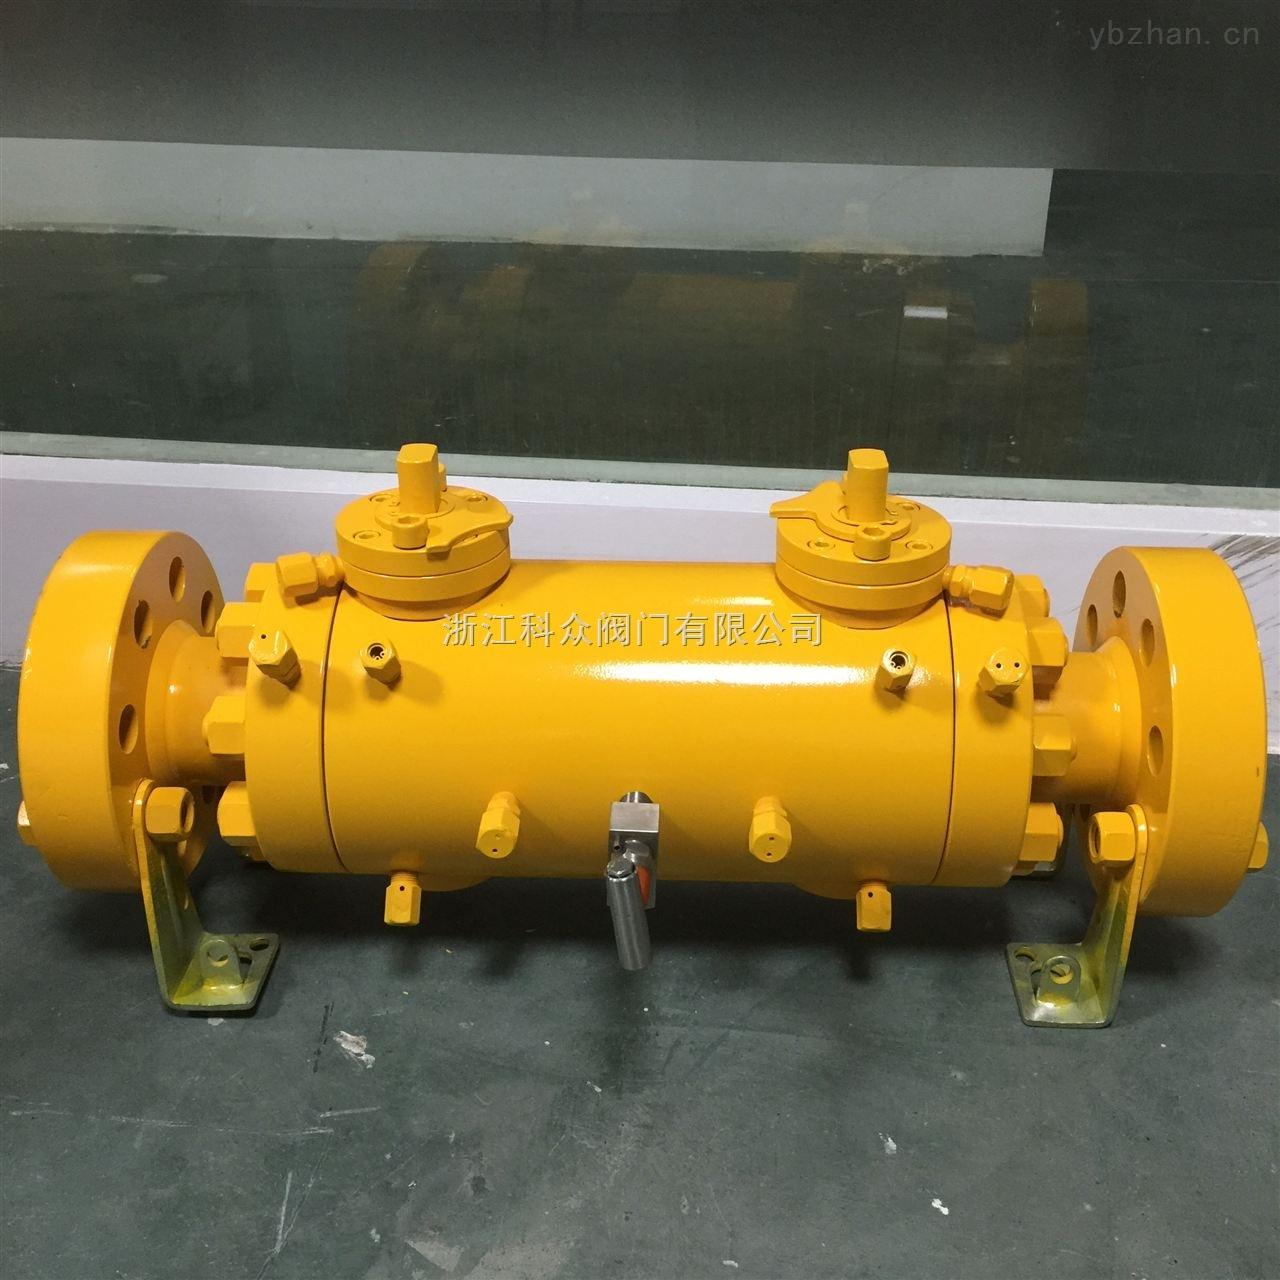 DBB-雙排泄雙阻塞的球閥,DBB出口閥門